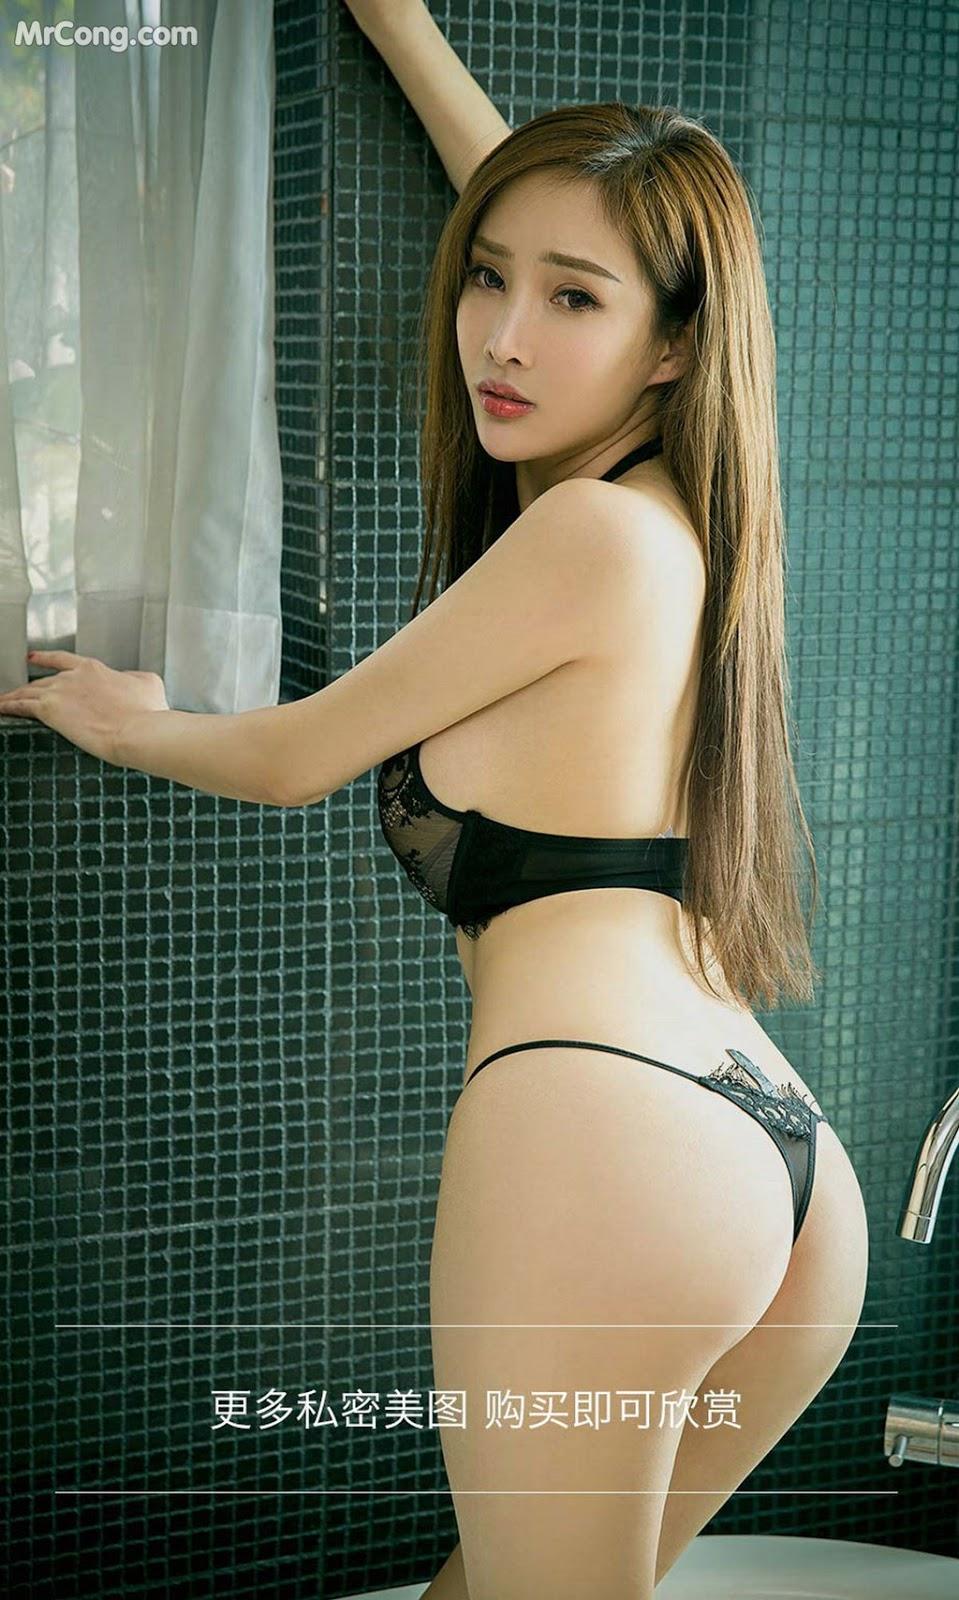 Image UGIRLS-Ai-You-Wu-App-No.875-Zhou-Yan-Xi-MrCong.com-009 in post UGIRLS – Ai You Wu App No.875: Người mẫu Zhou Yan Xi (周妍希) (40 ảnh)